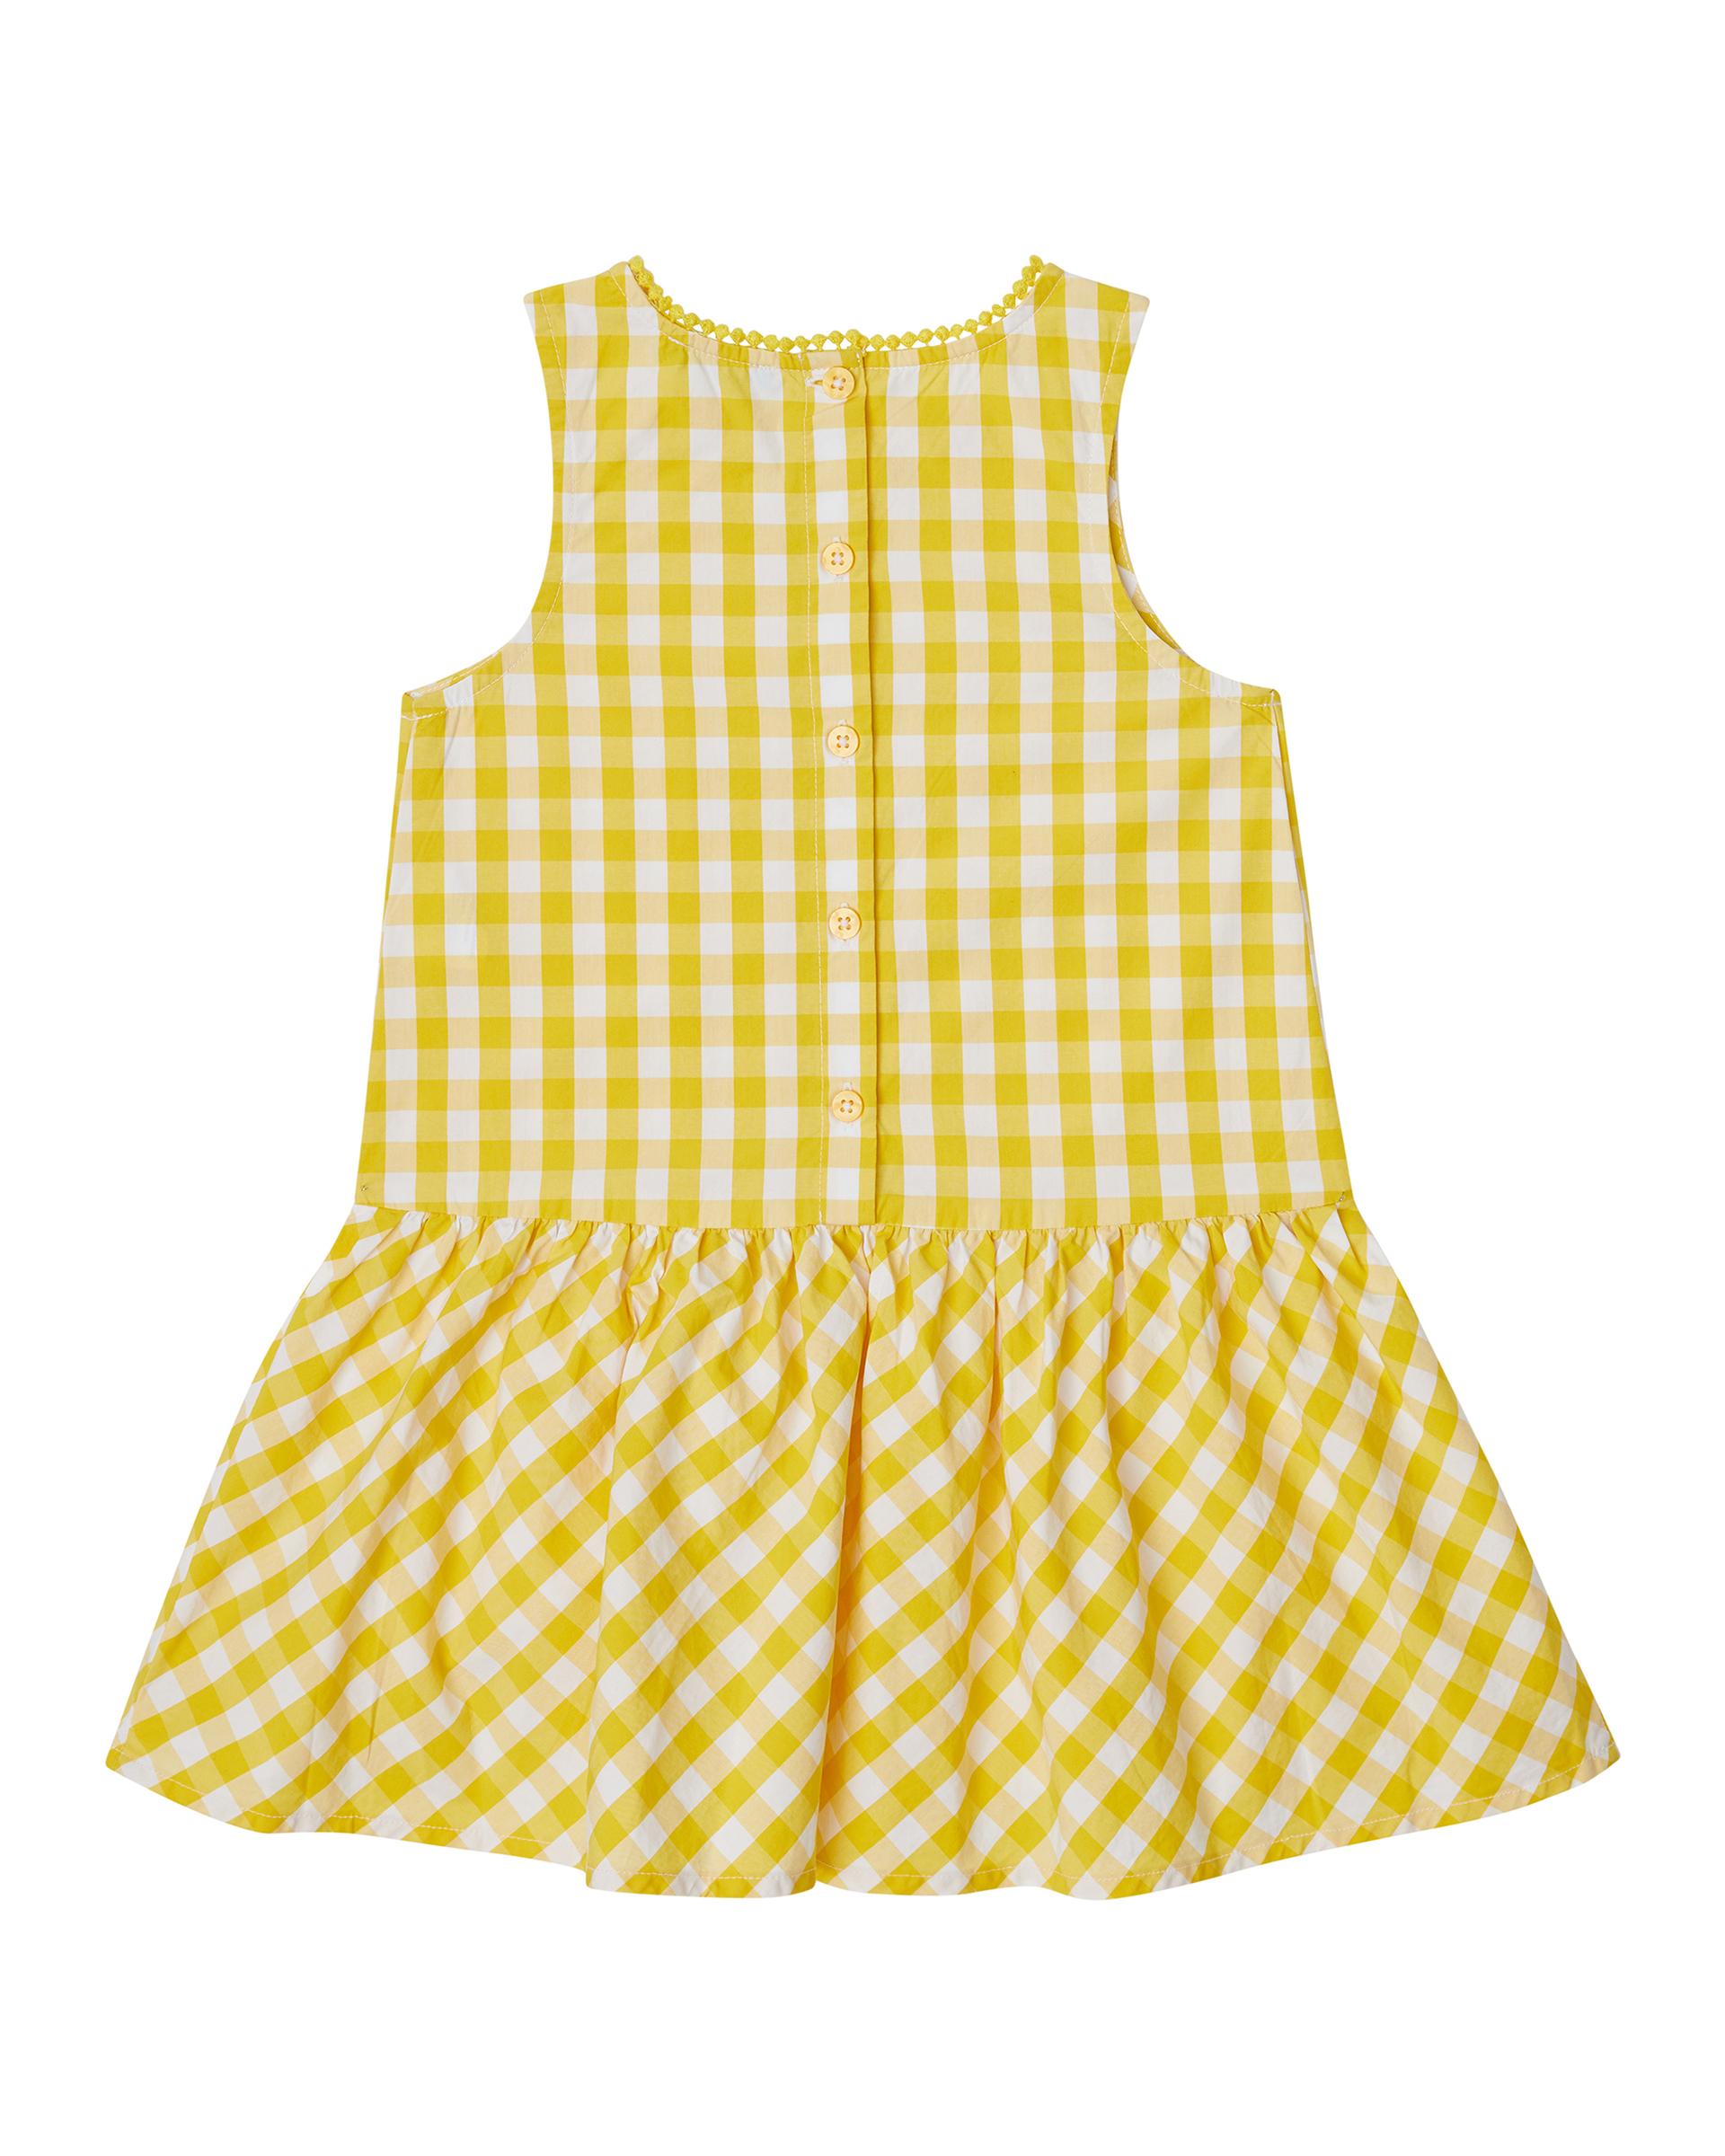 Купить 20P_4OT75V2LP_930, Платье для девочек Benetton 4OT75V2LP_930 р-р 92, United Colors of Benetton, Платья для новорожденных